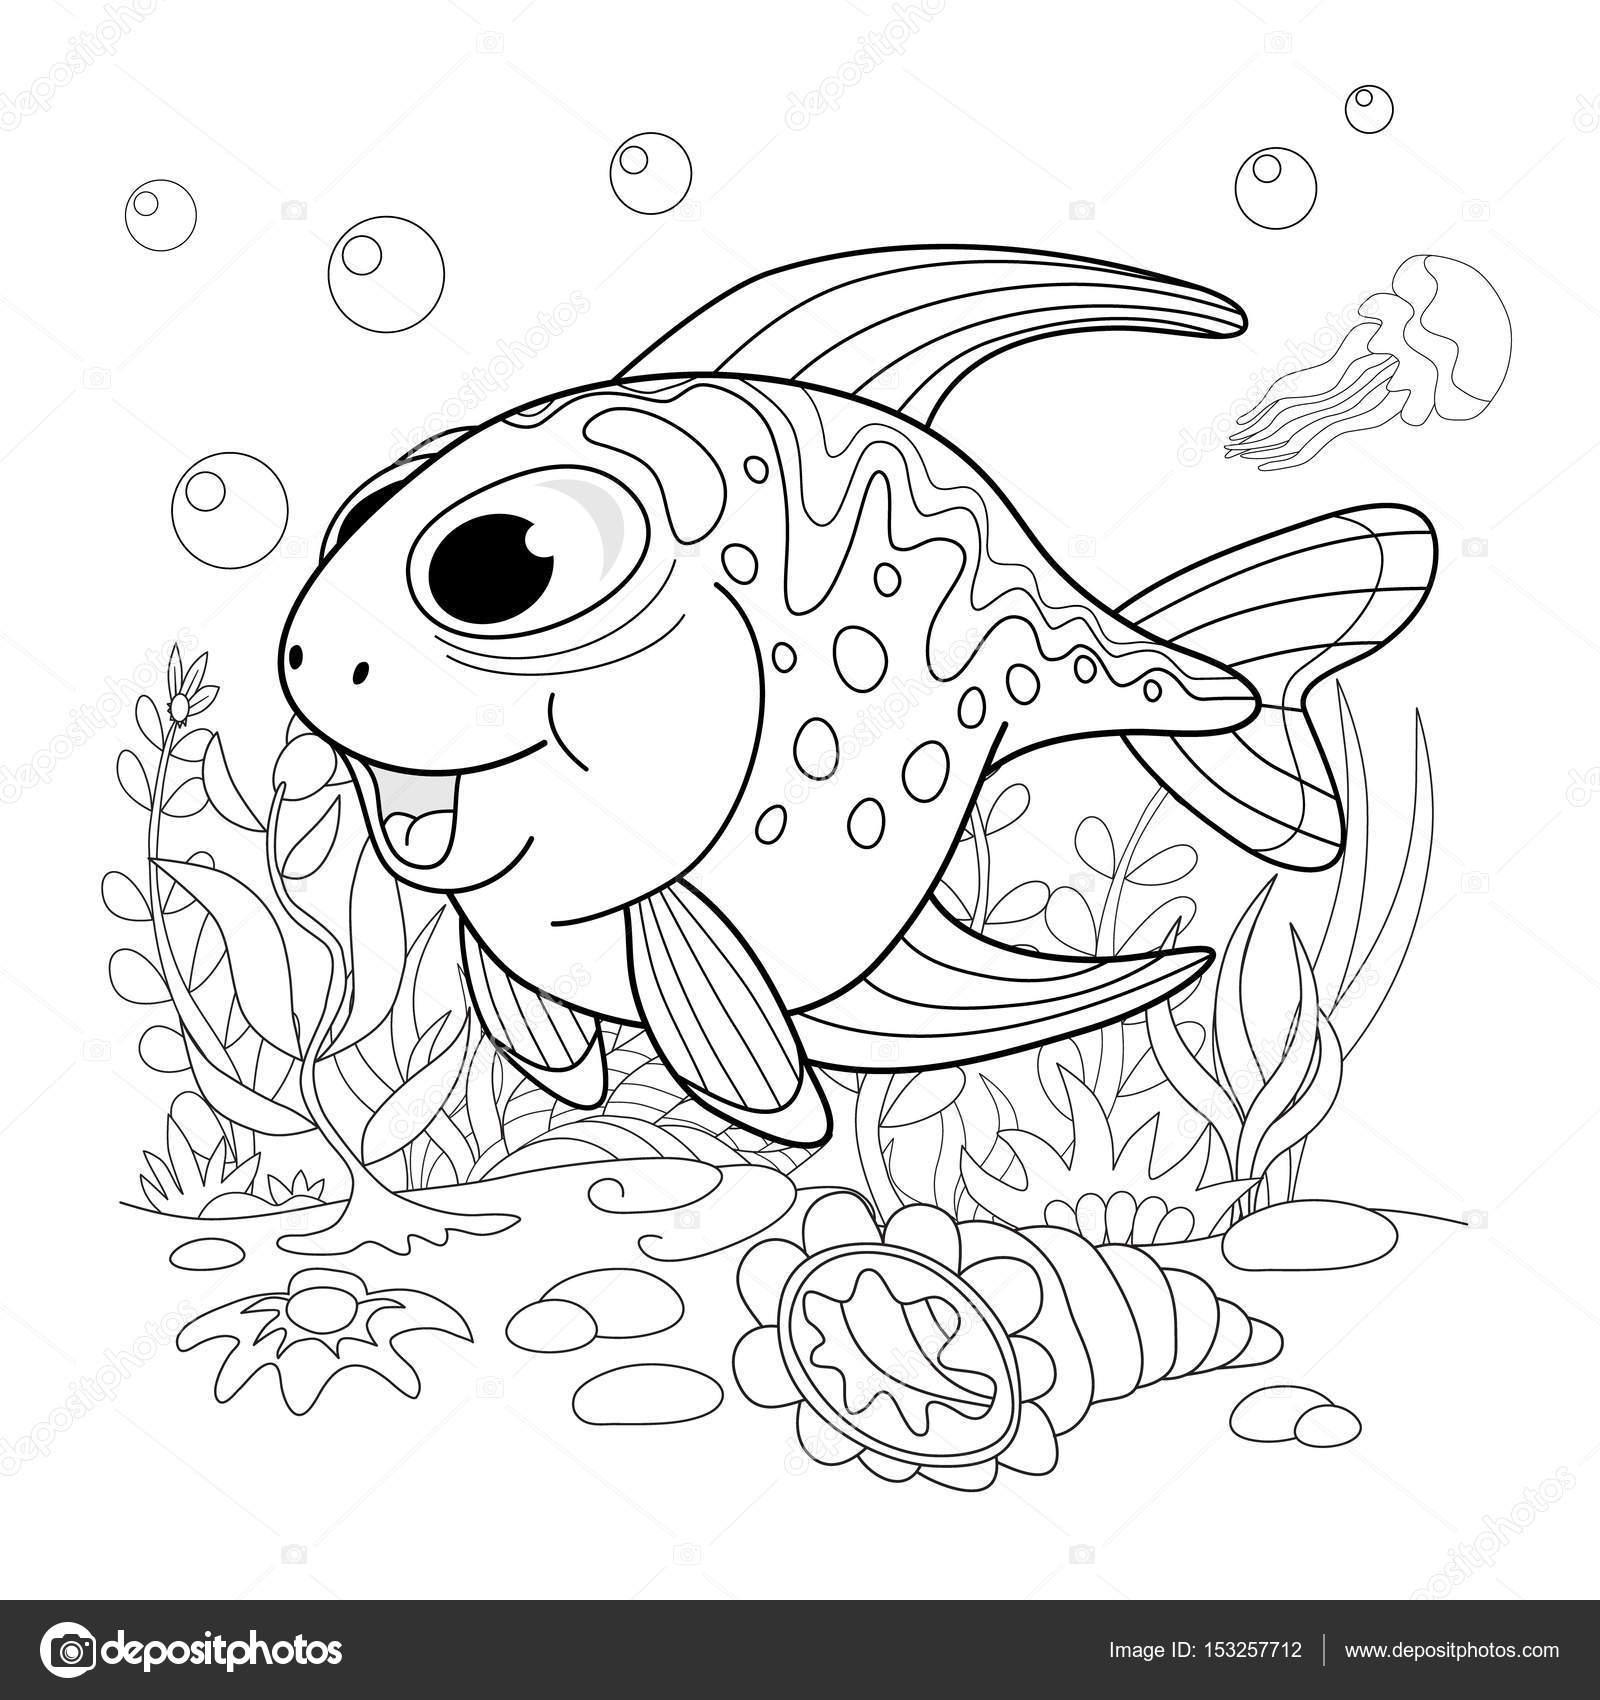 Dibujos animados de pescado de fanny. Ilustración de una página para ...